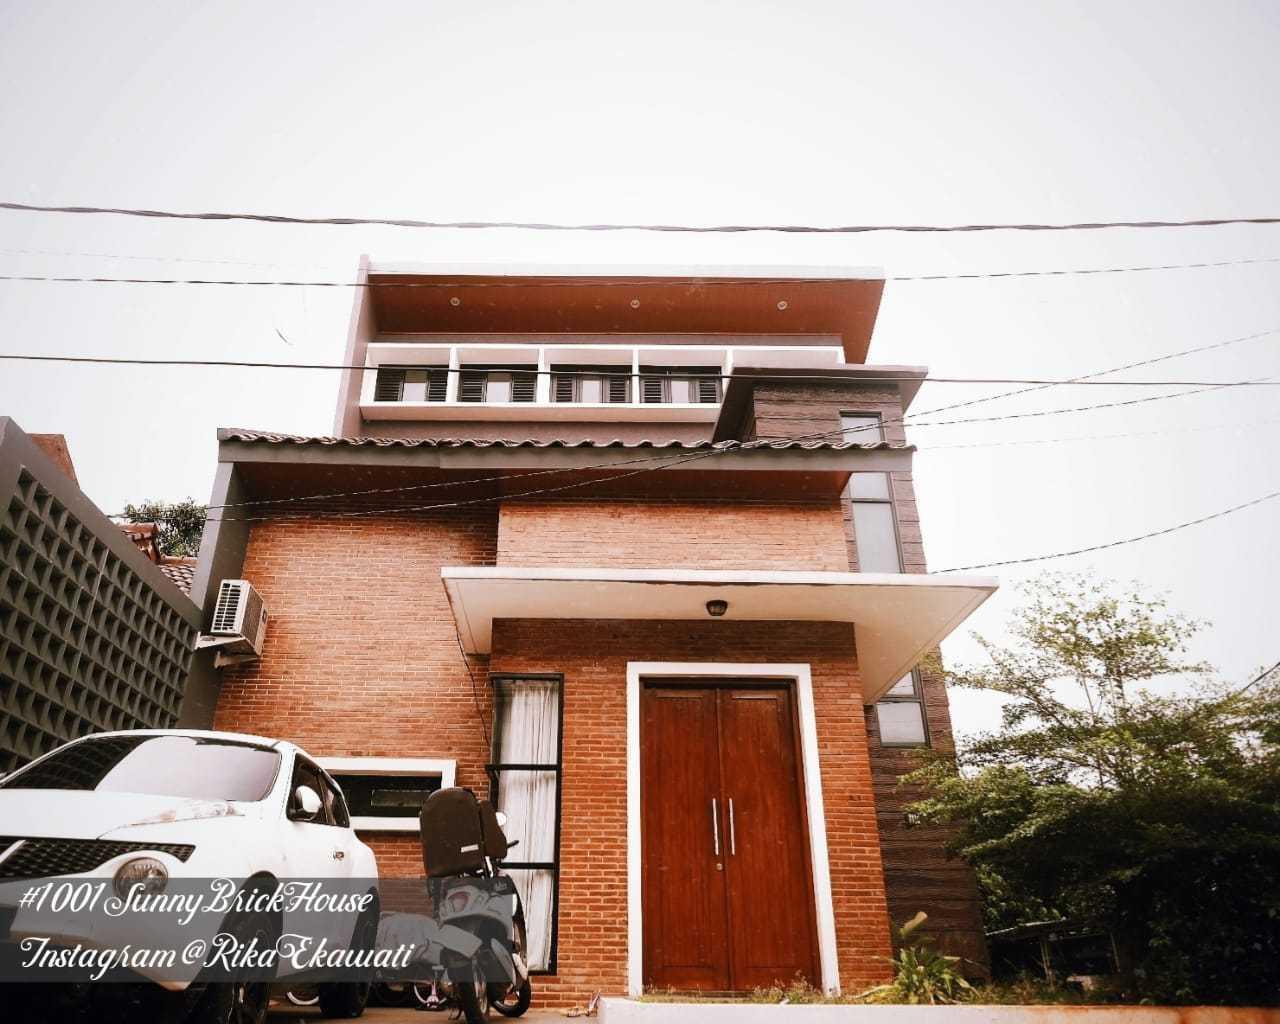 Nan '9Design Rk House Depok, Kota Depok, Jawa Barat, Indonesia Depok, Kota Depok, Jawa Barat, Indonesia Nan-9Design-Rk-House  71829